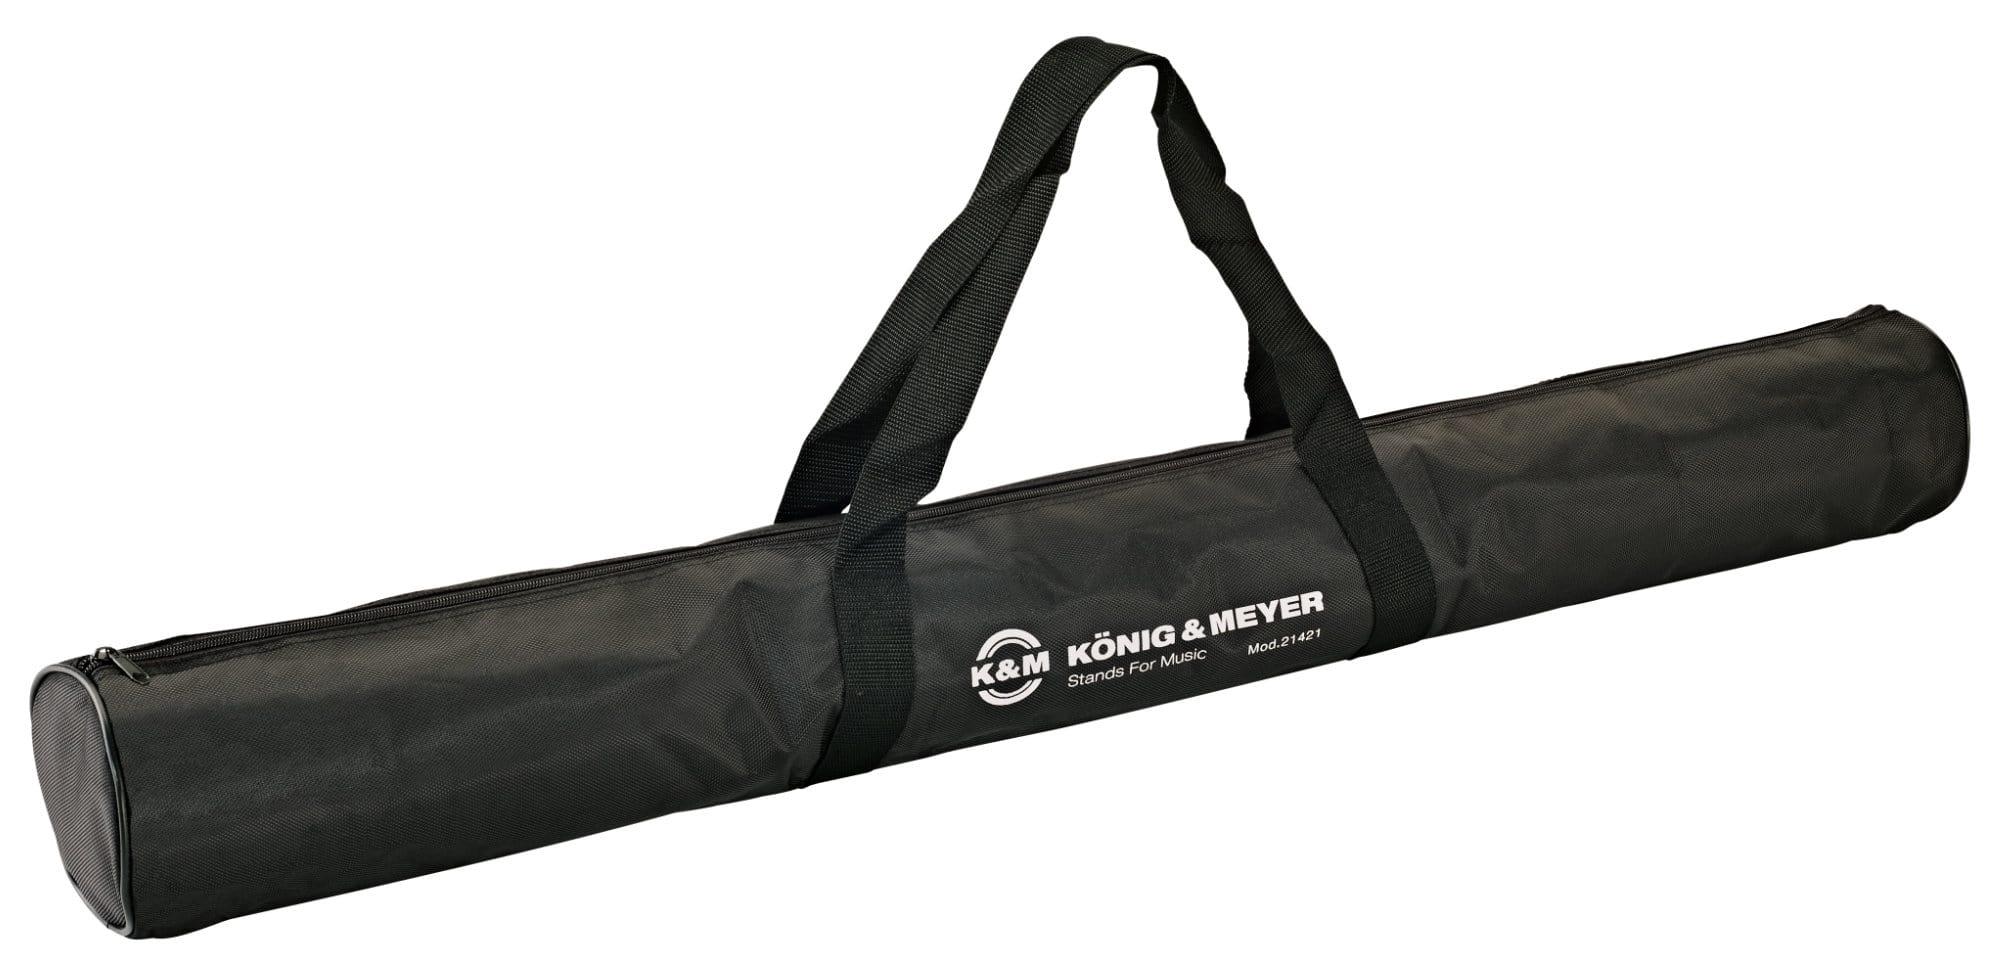 K M 21421 Tasche für 2 Mikrofonstative